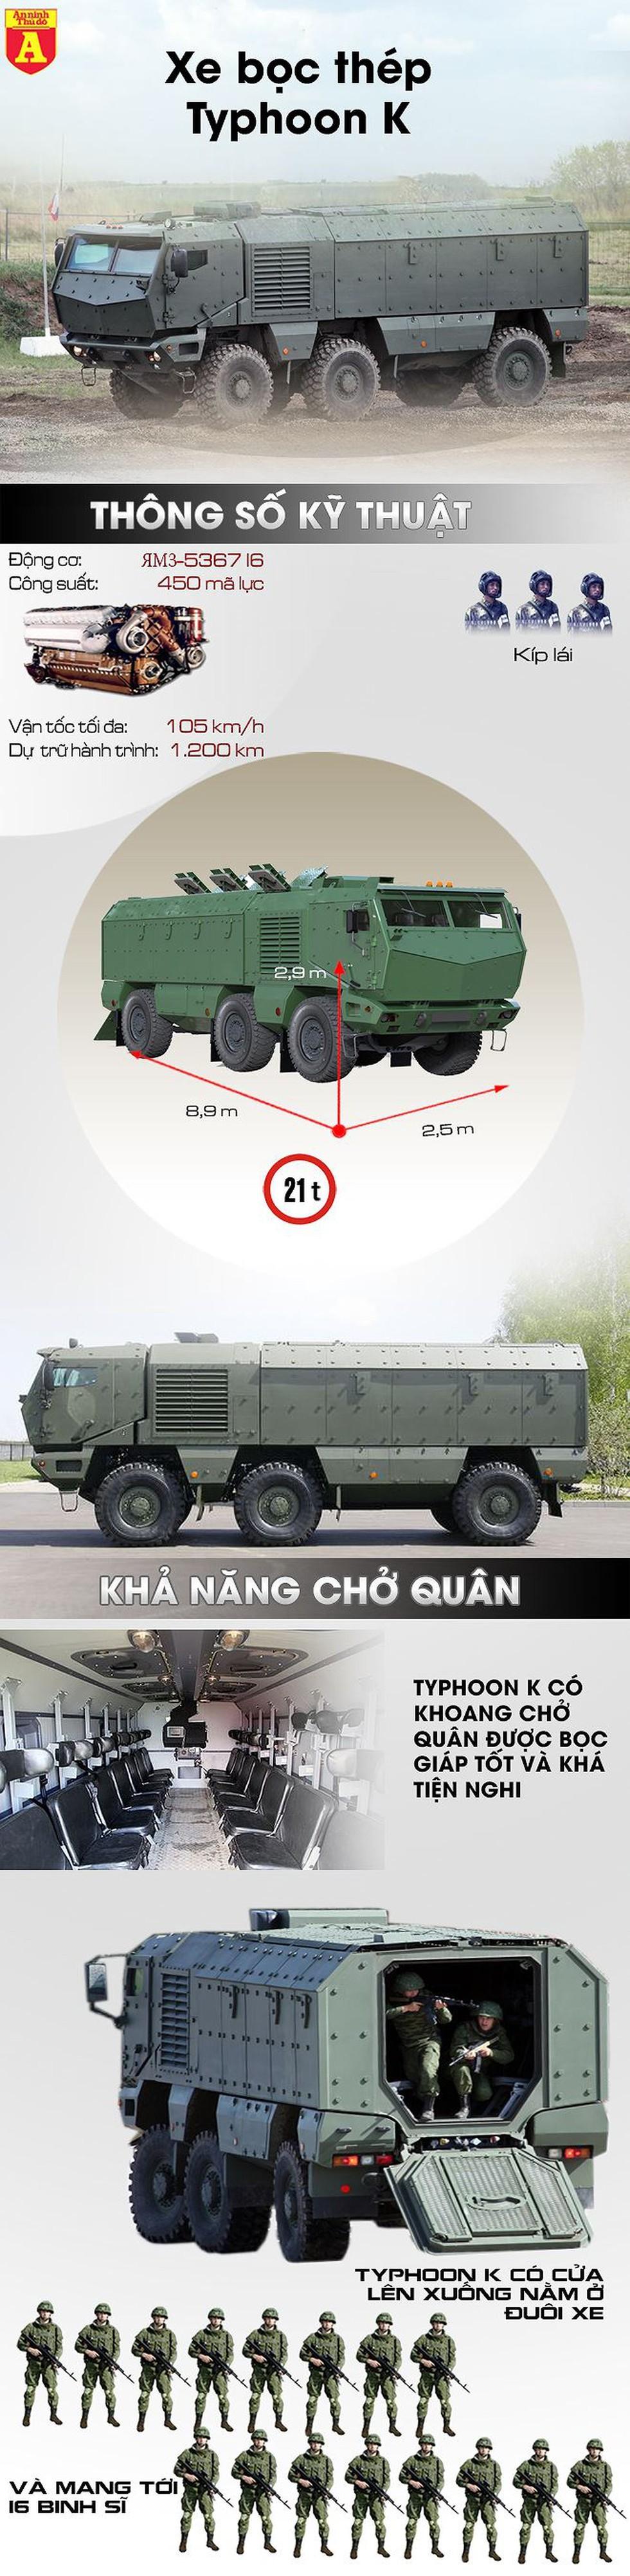 """[Info] Nga chưa kịp biên chế """"quái thú"""" Typhoon-K đã bị Trung Quốc sao chép ảnh 4"""